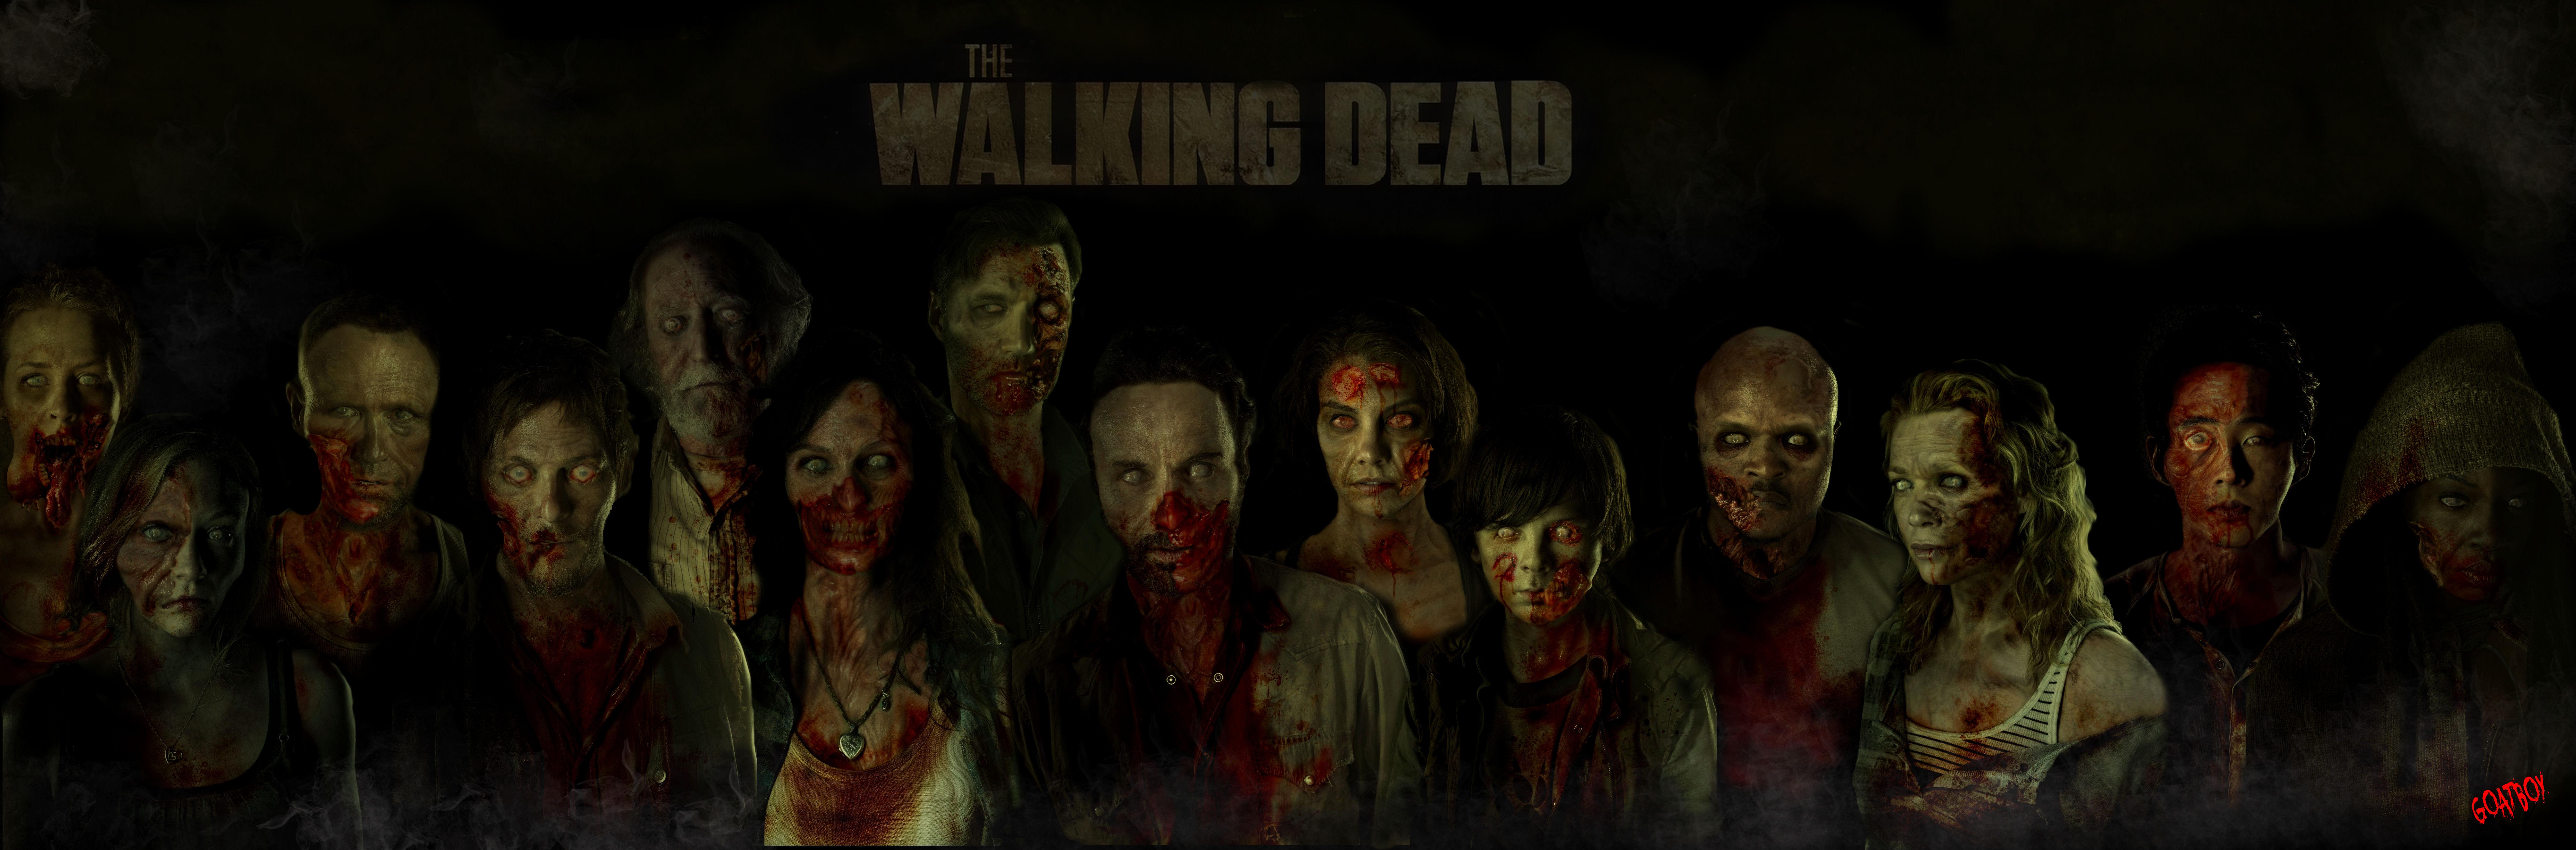 The Walking Dead Season 5 Desktop Wallpaper 67877 Loadtve